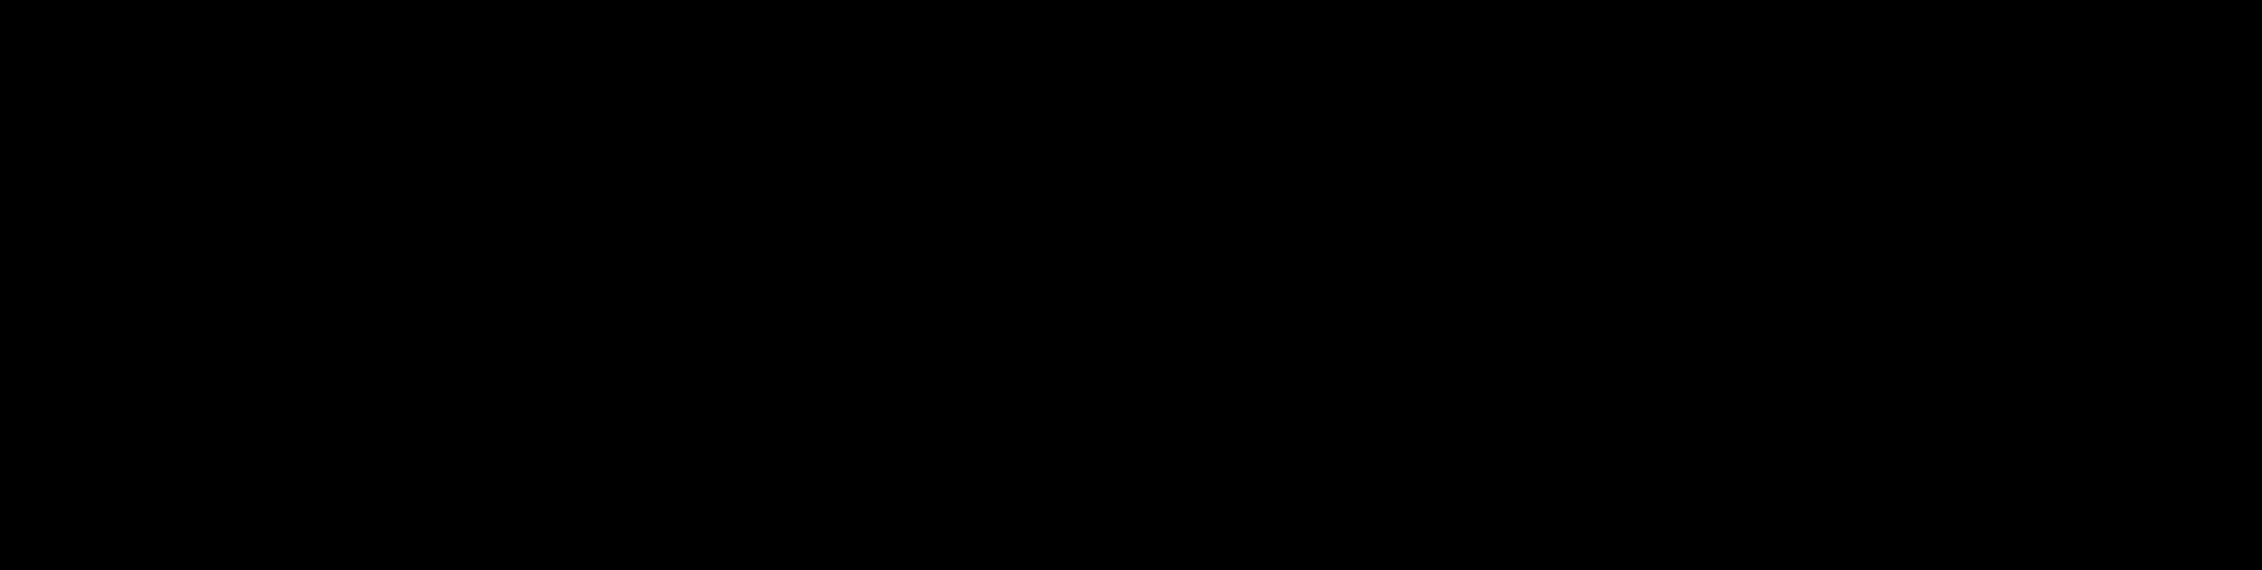 2-[[2-(Acetyloxy)benzoyl]oxy]benzoic acid 2-[(2-carboxyphenoxy)carbonyl]phenyl ester